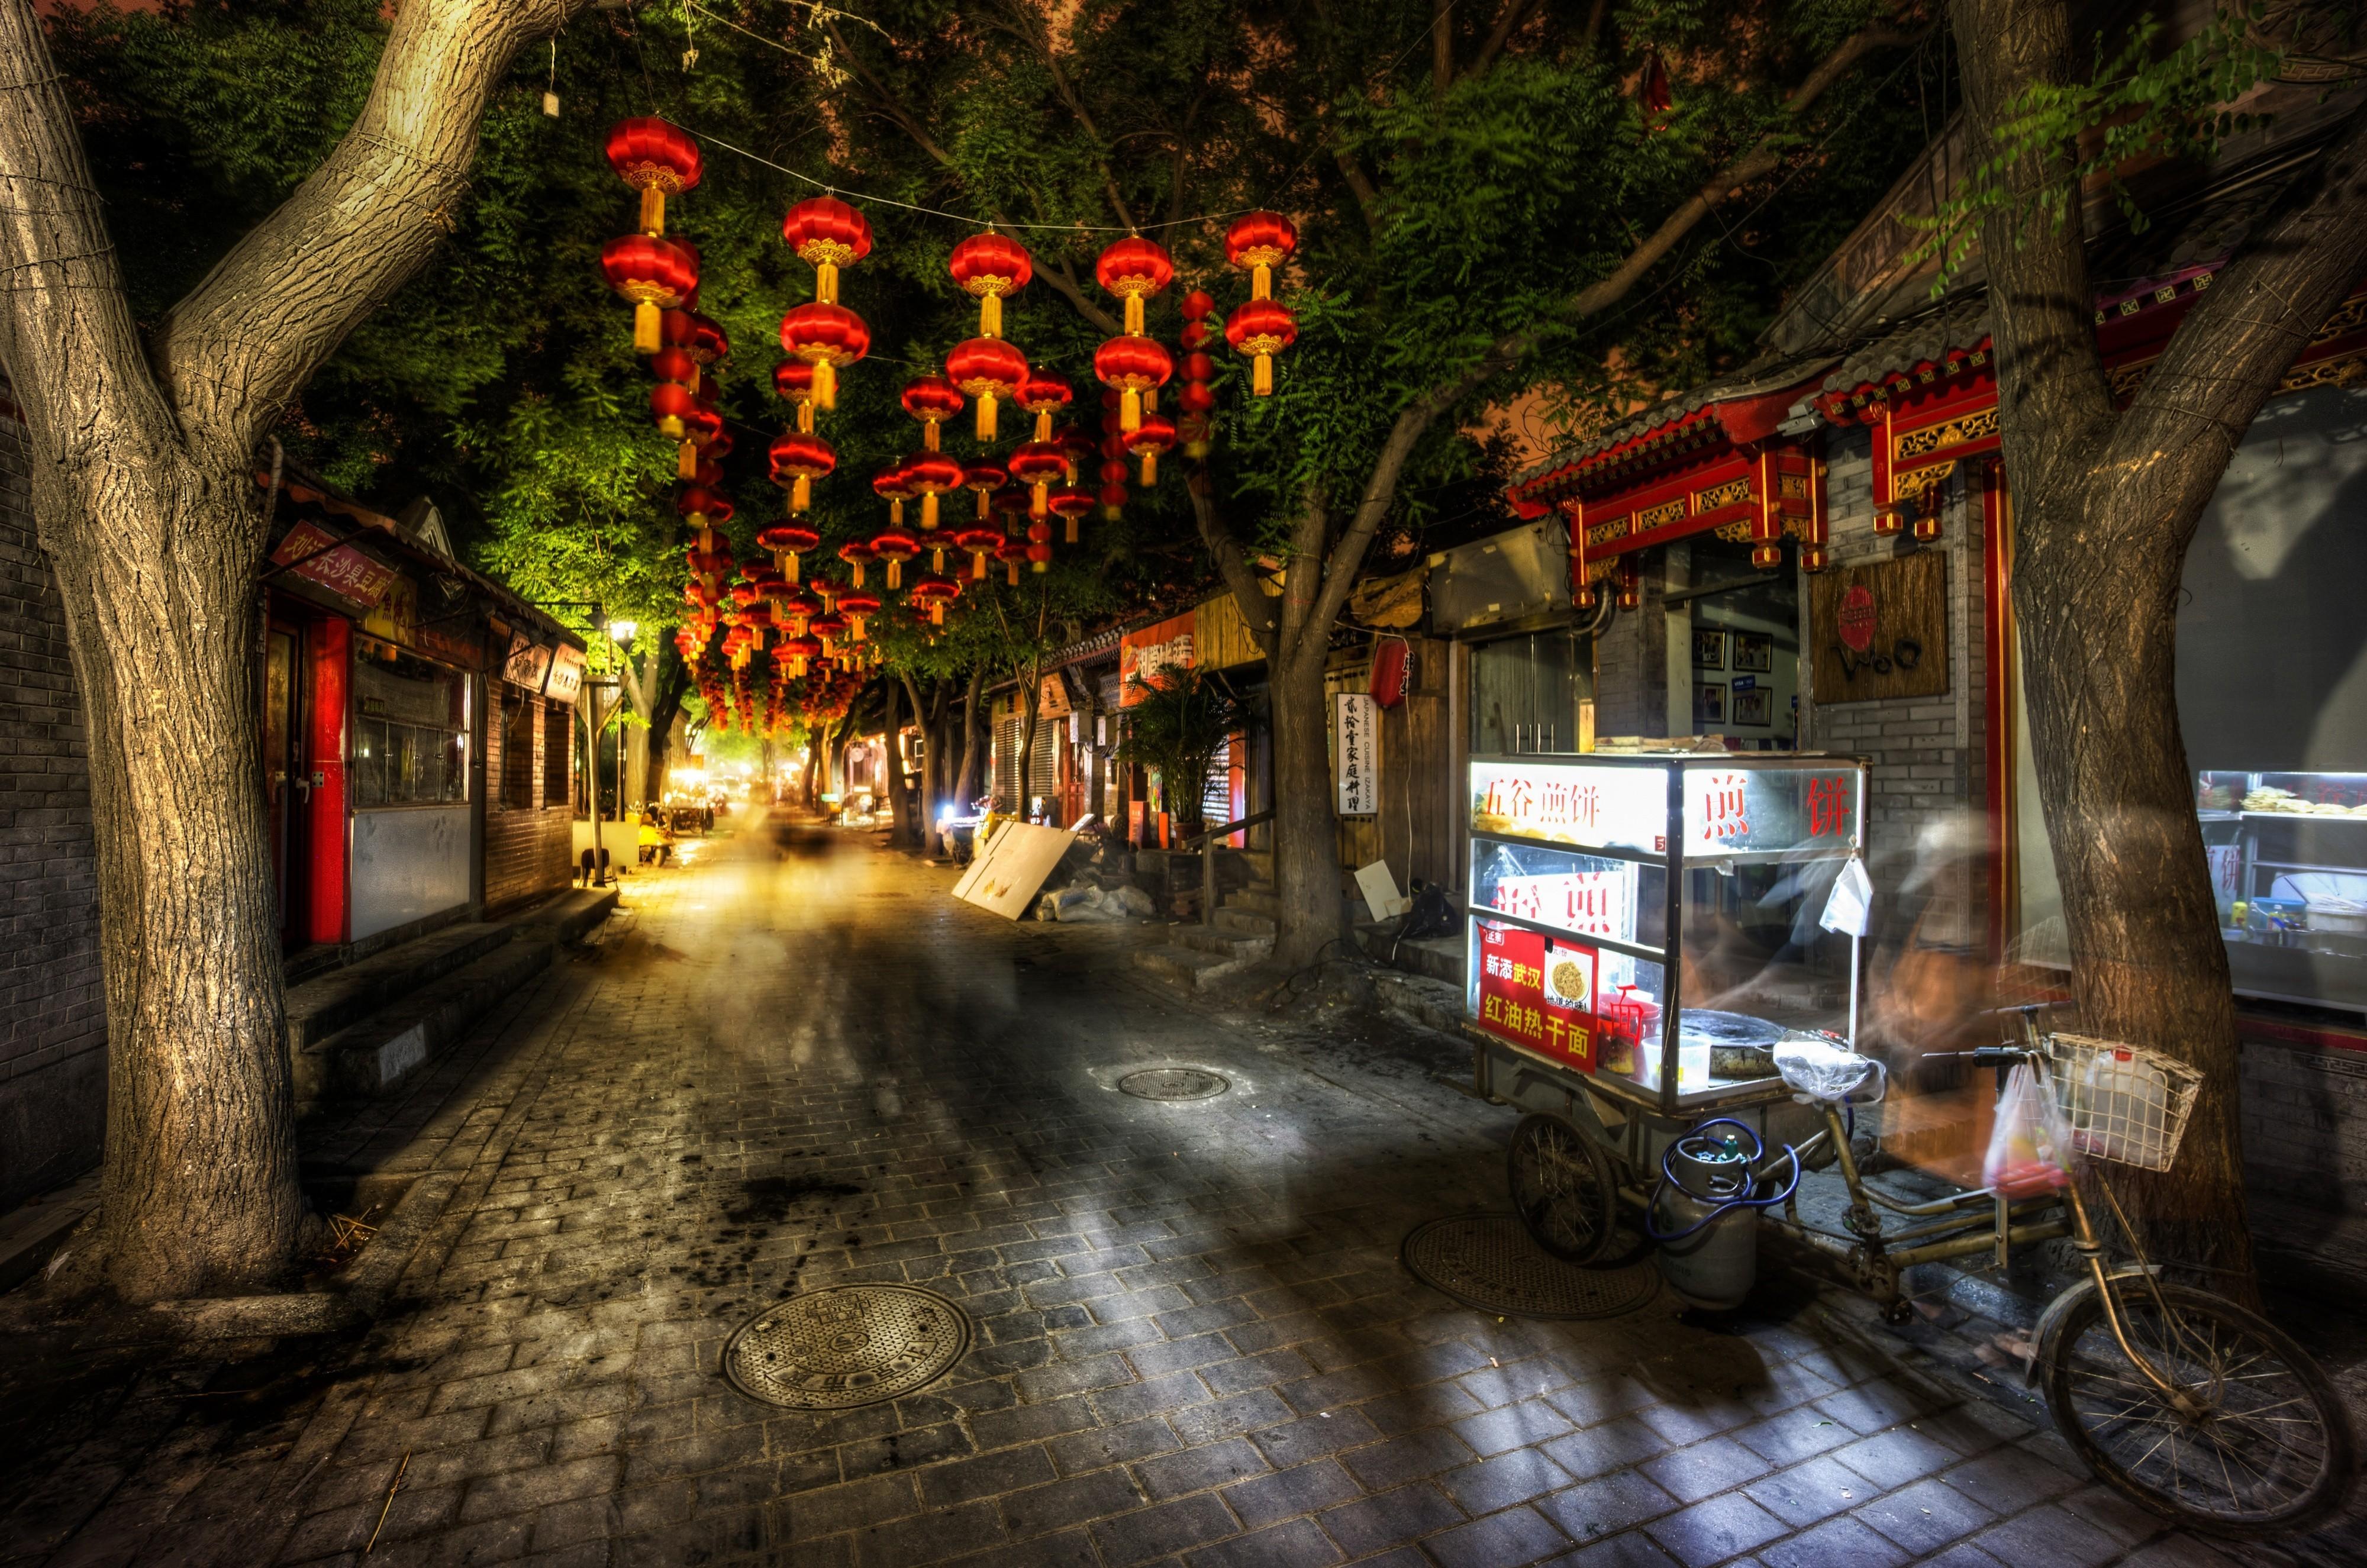 beijing wallpaper 4k - photo #15